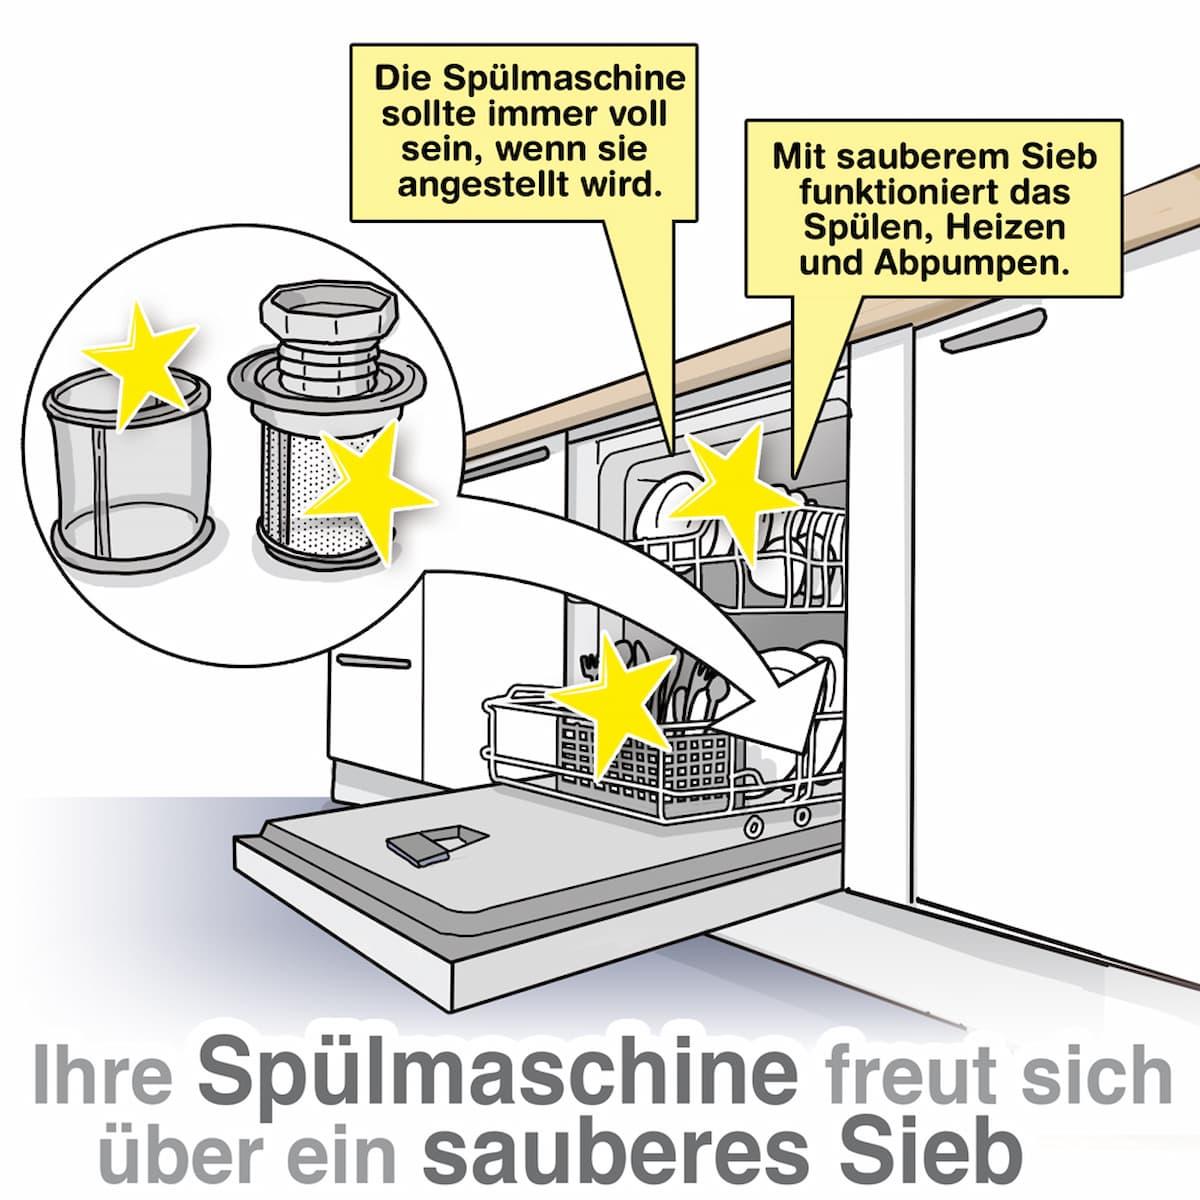 Spülmaschinen immer voll laufen lassen und das Sieb regelmäßig kontrollieren